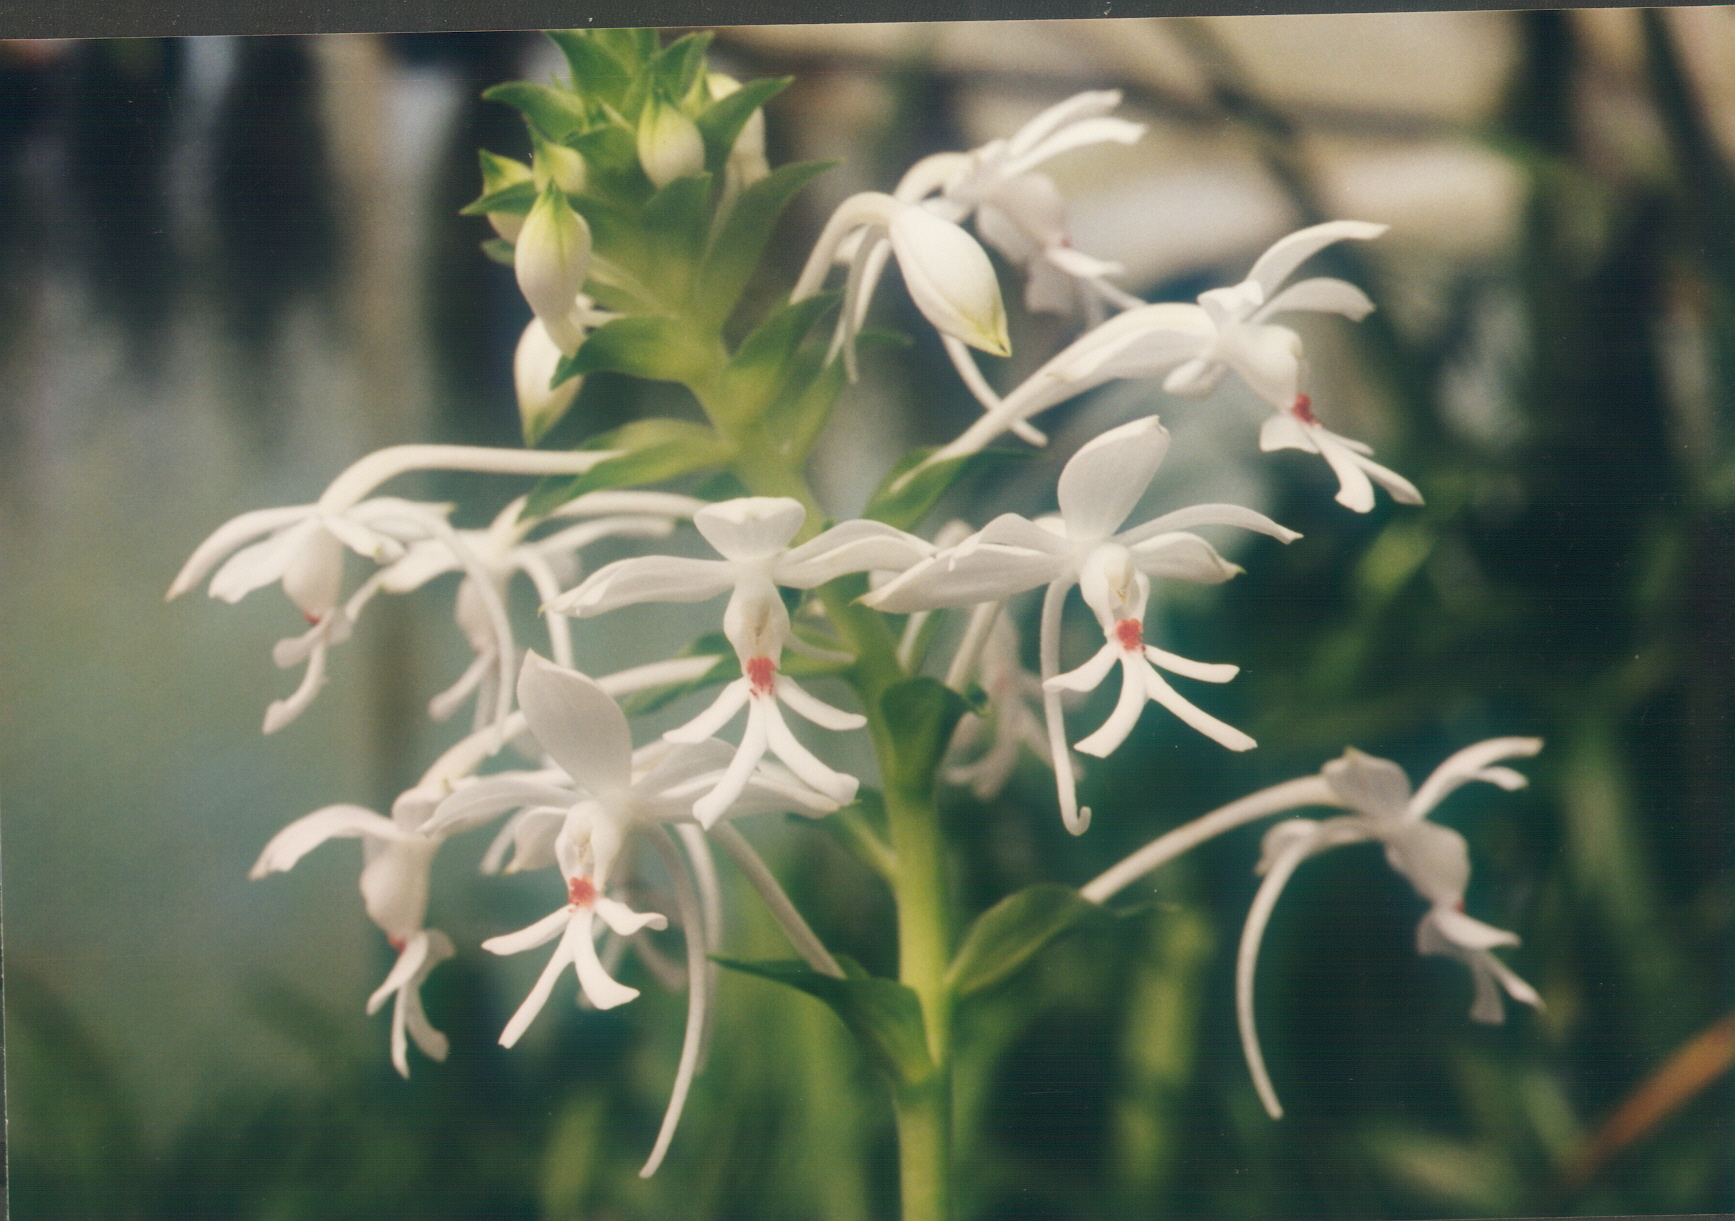 Image of White Calanthe